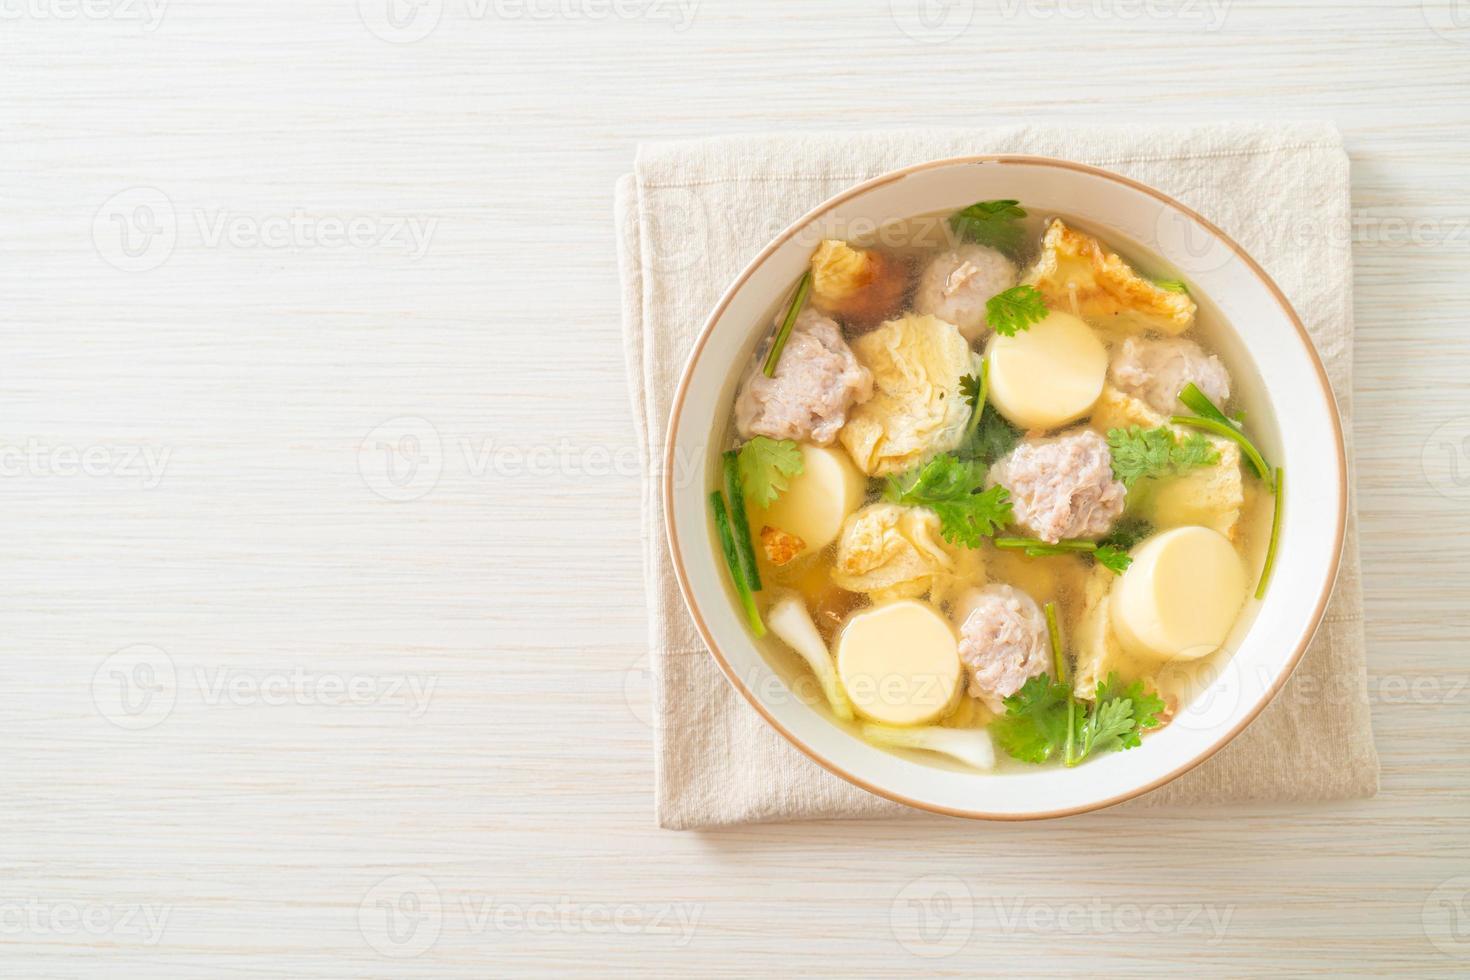 sopa de ovo frito ou sopa de omelete com carne de porco picada foto